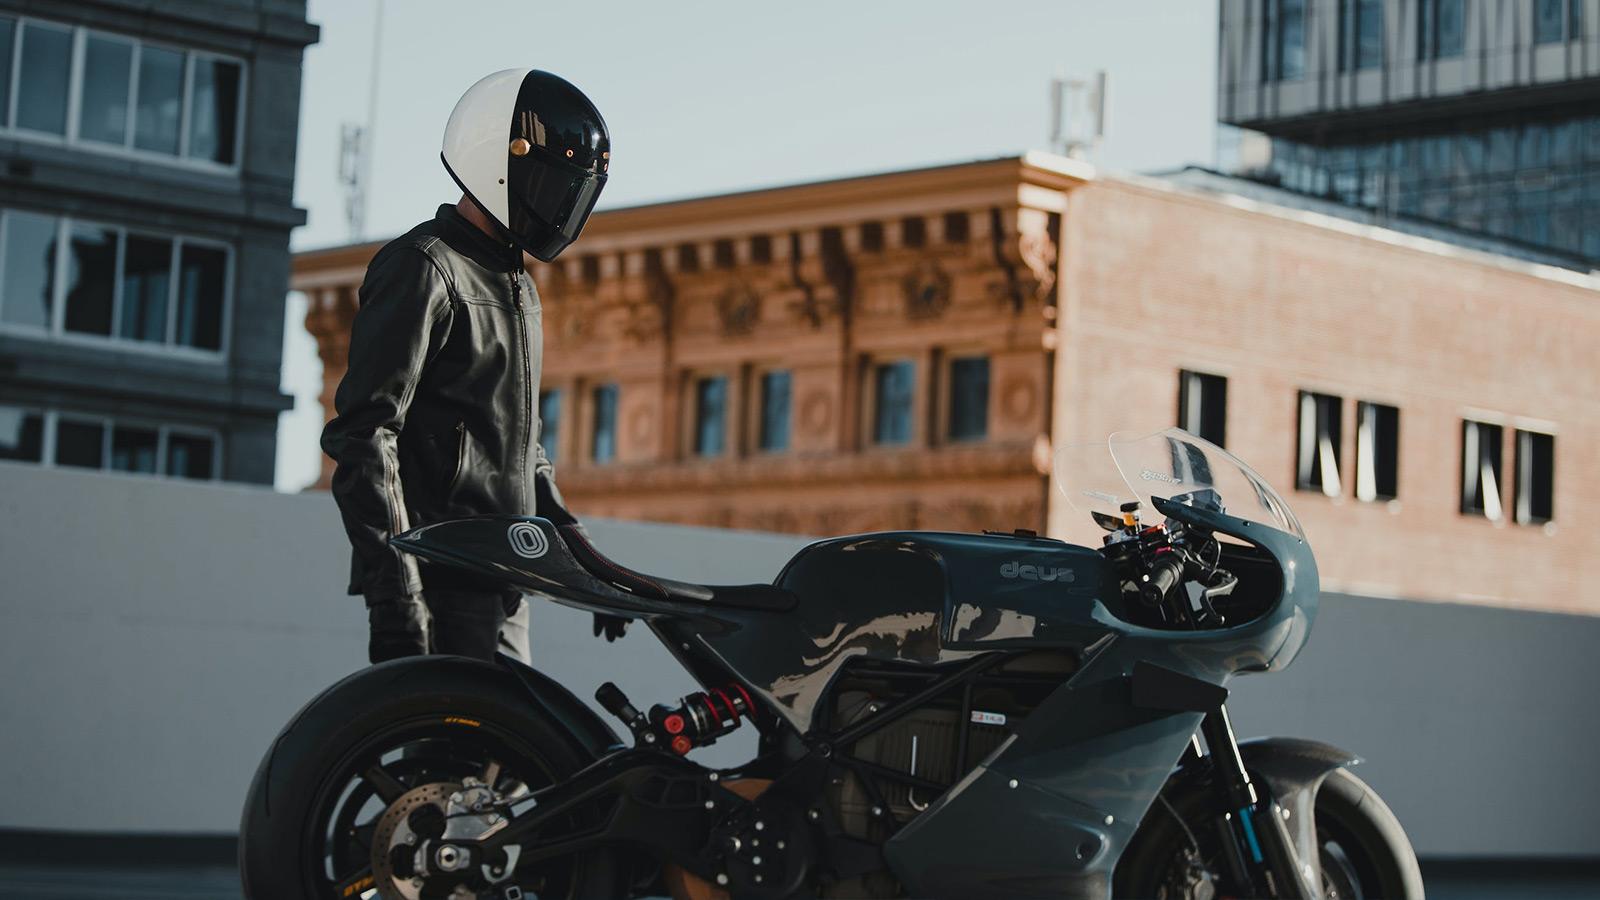 Zero Motorcycles x Deus ex Machina Electric Motorcycle